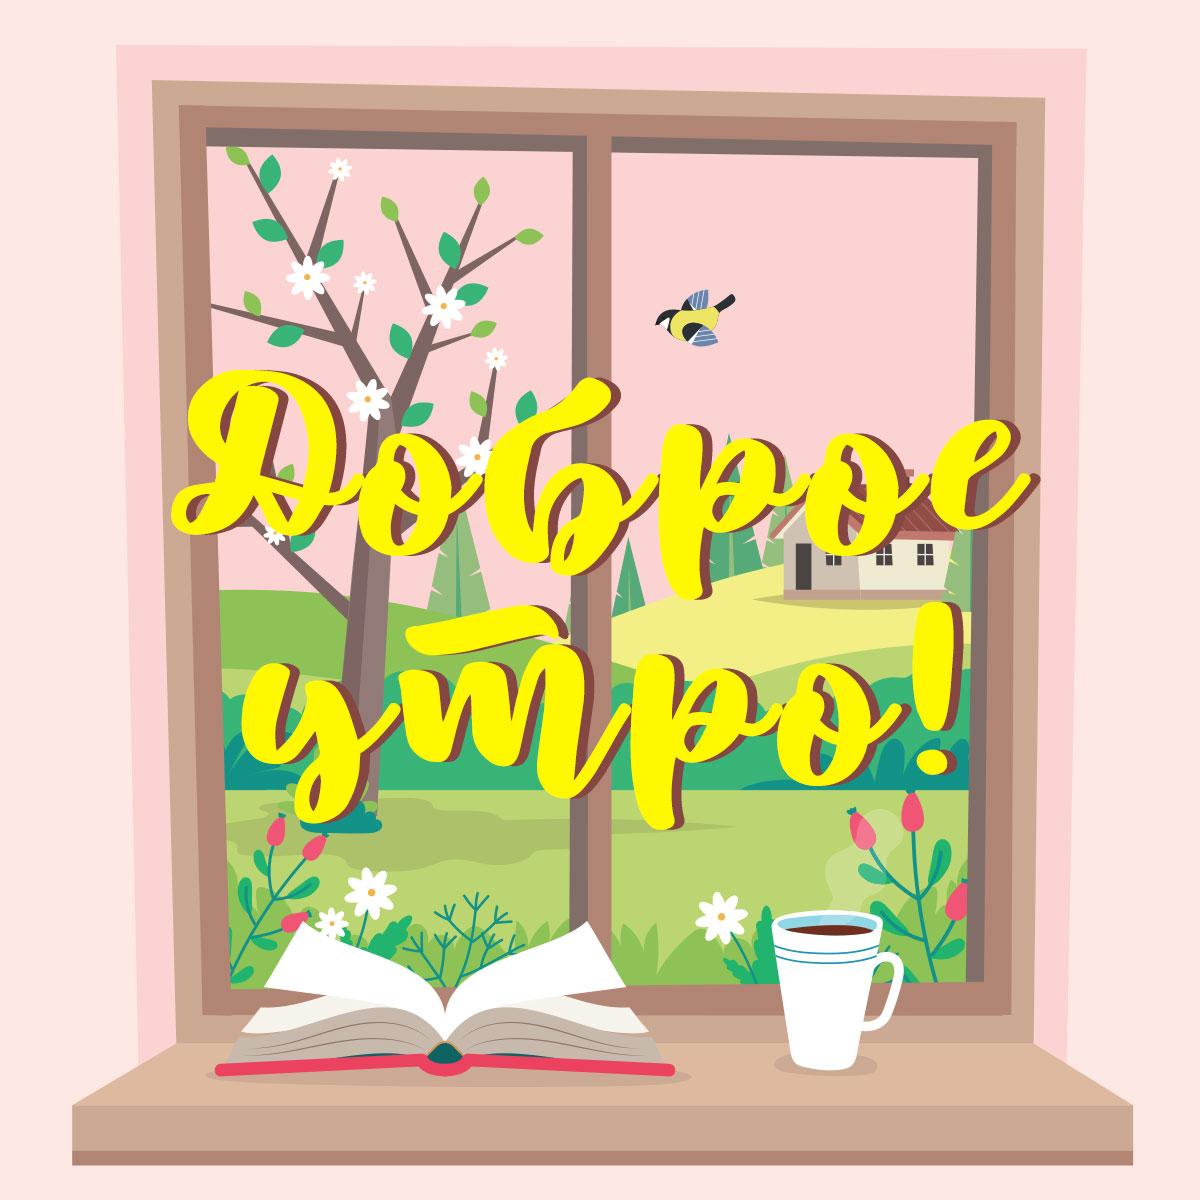 Картинка с надписью доброе утро весна: раскрытая книга и кружка на прямоугольном окне с летним пейзажем.